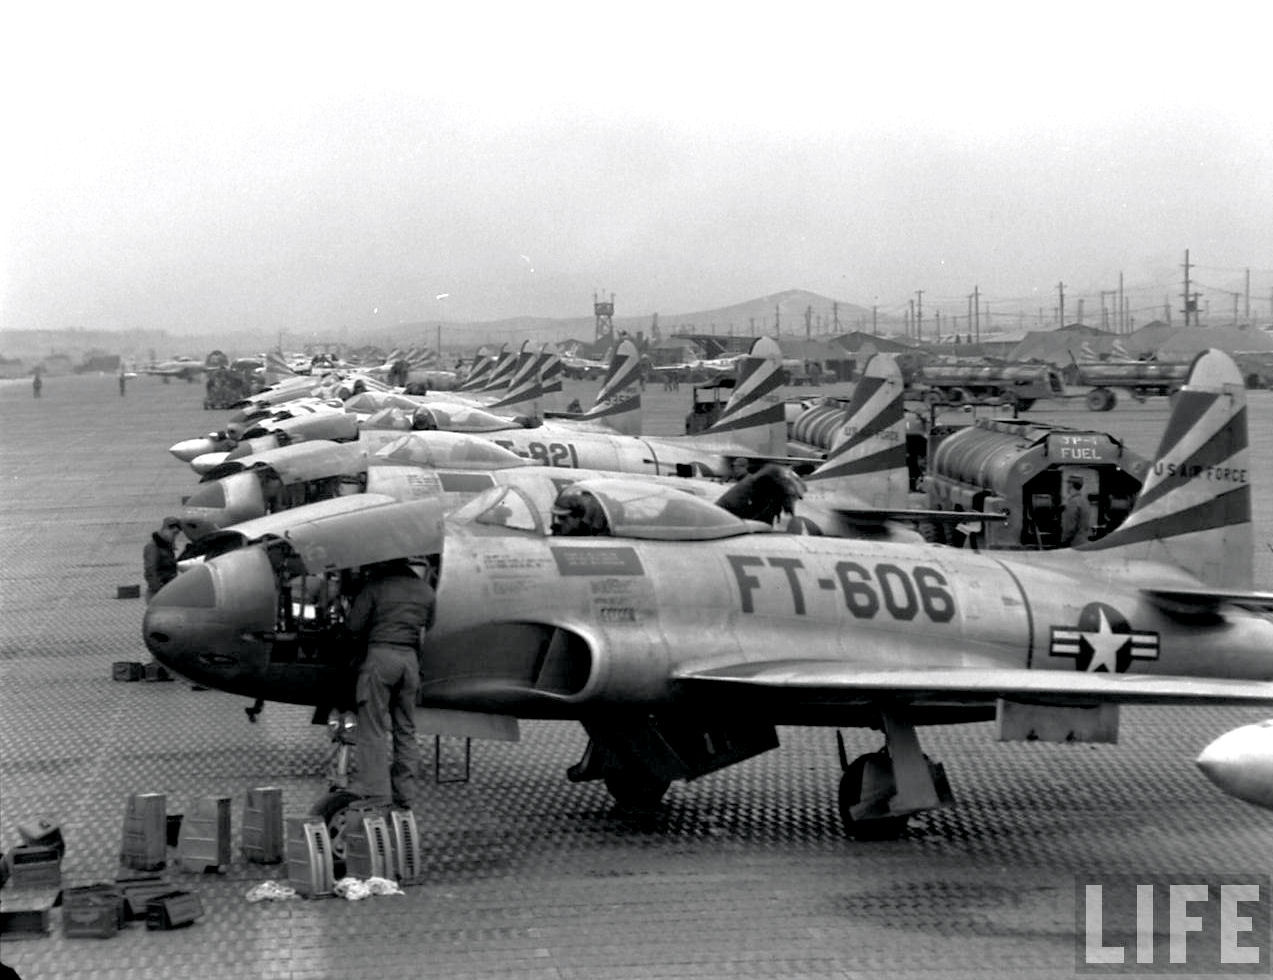 为韩国水原空军基地的美国空军战斗轰炸机的第8航空集团的F-80流星战